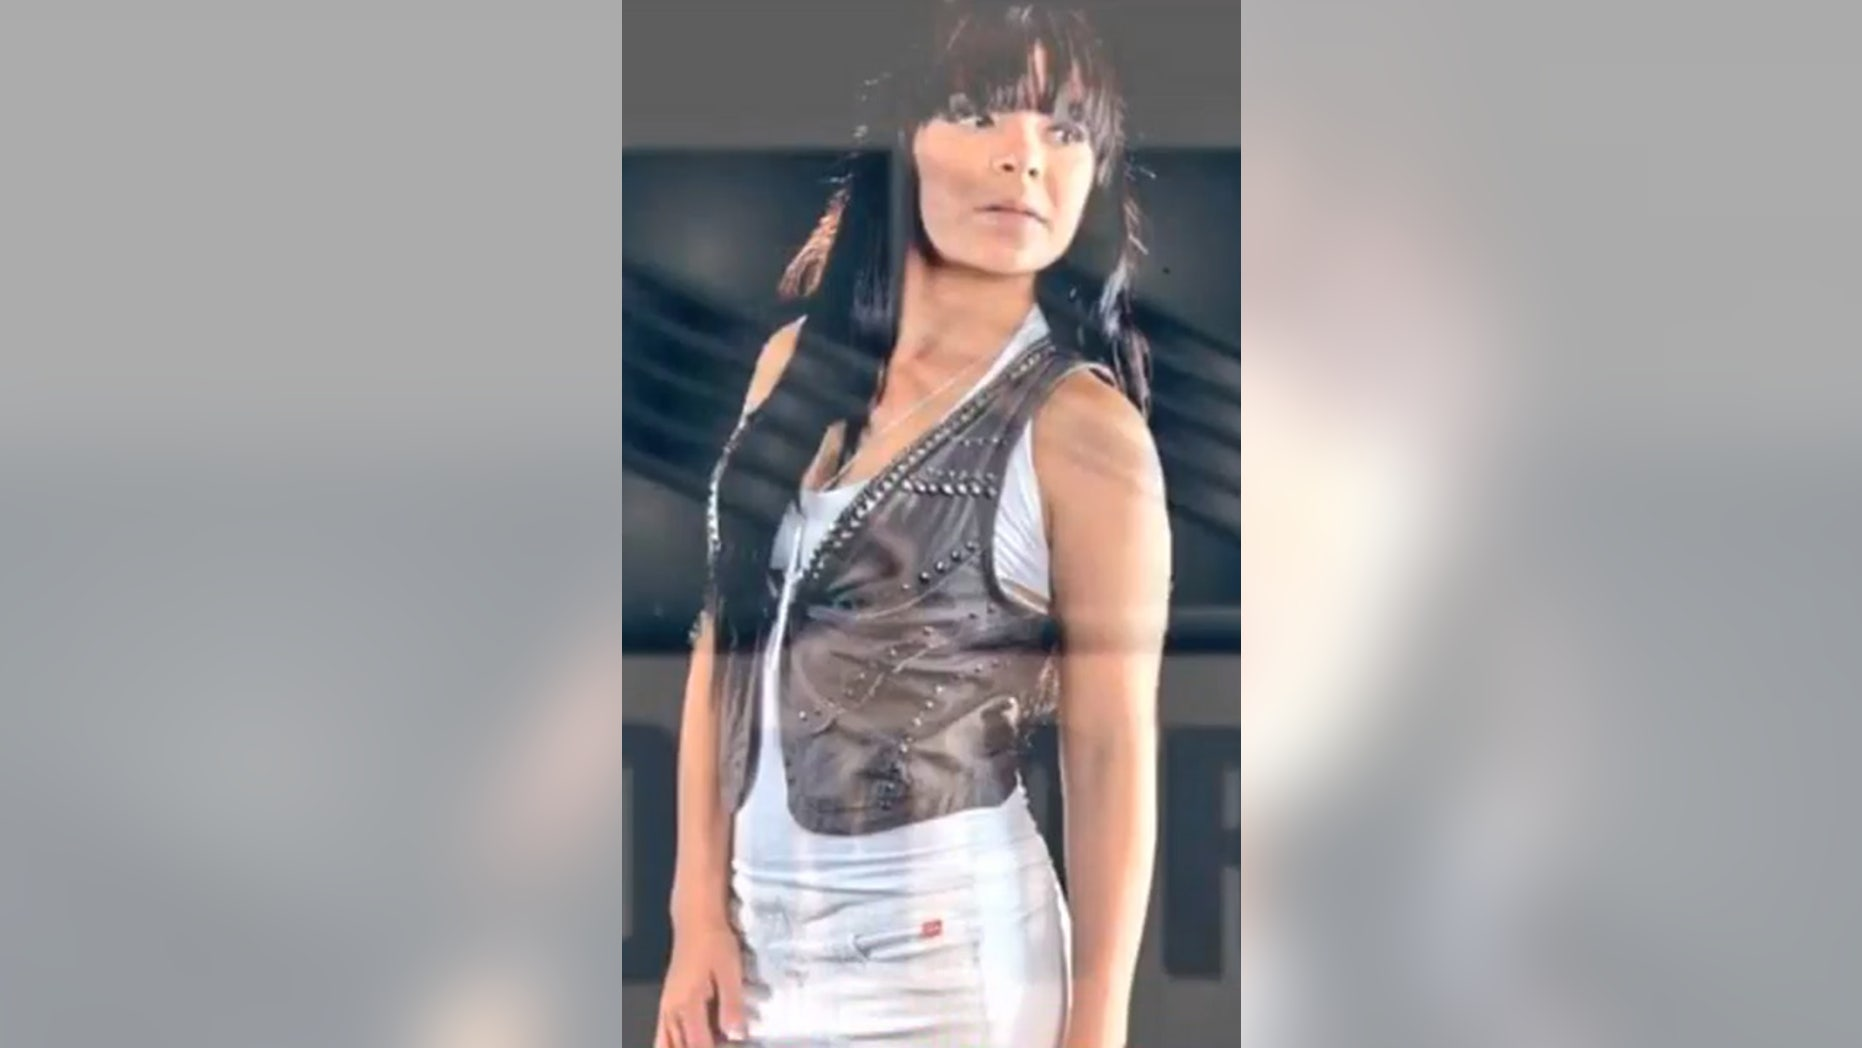 Rosa Otilia Ramirez as an aspiring model (YouTube)